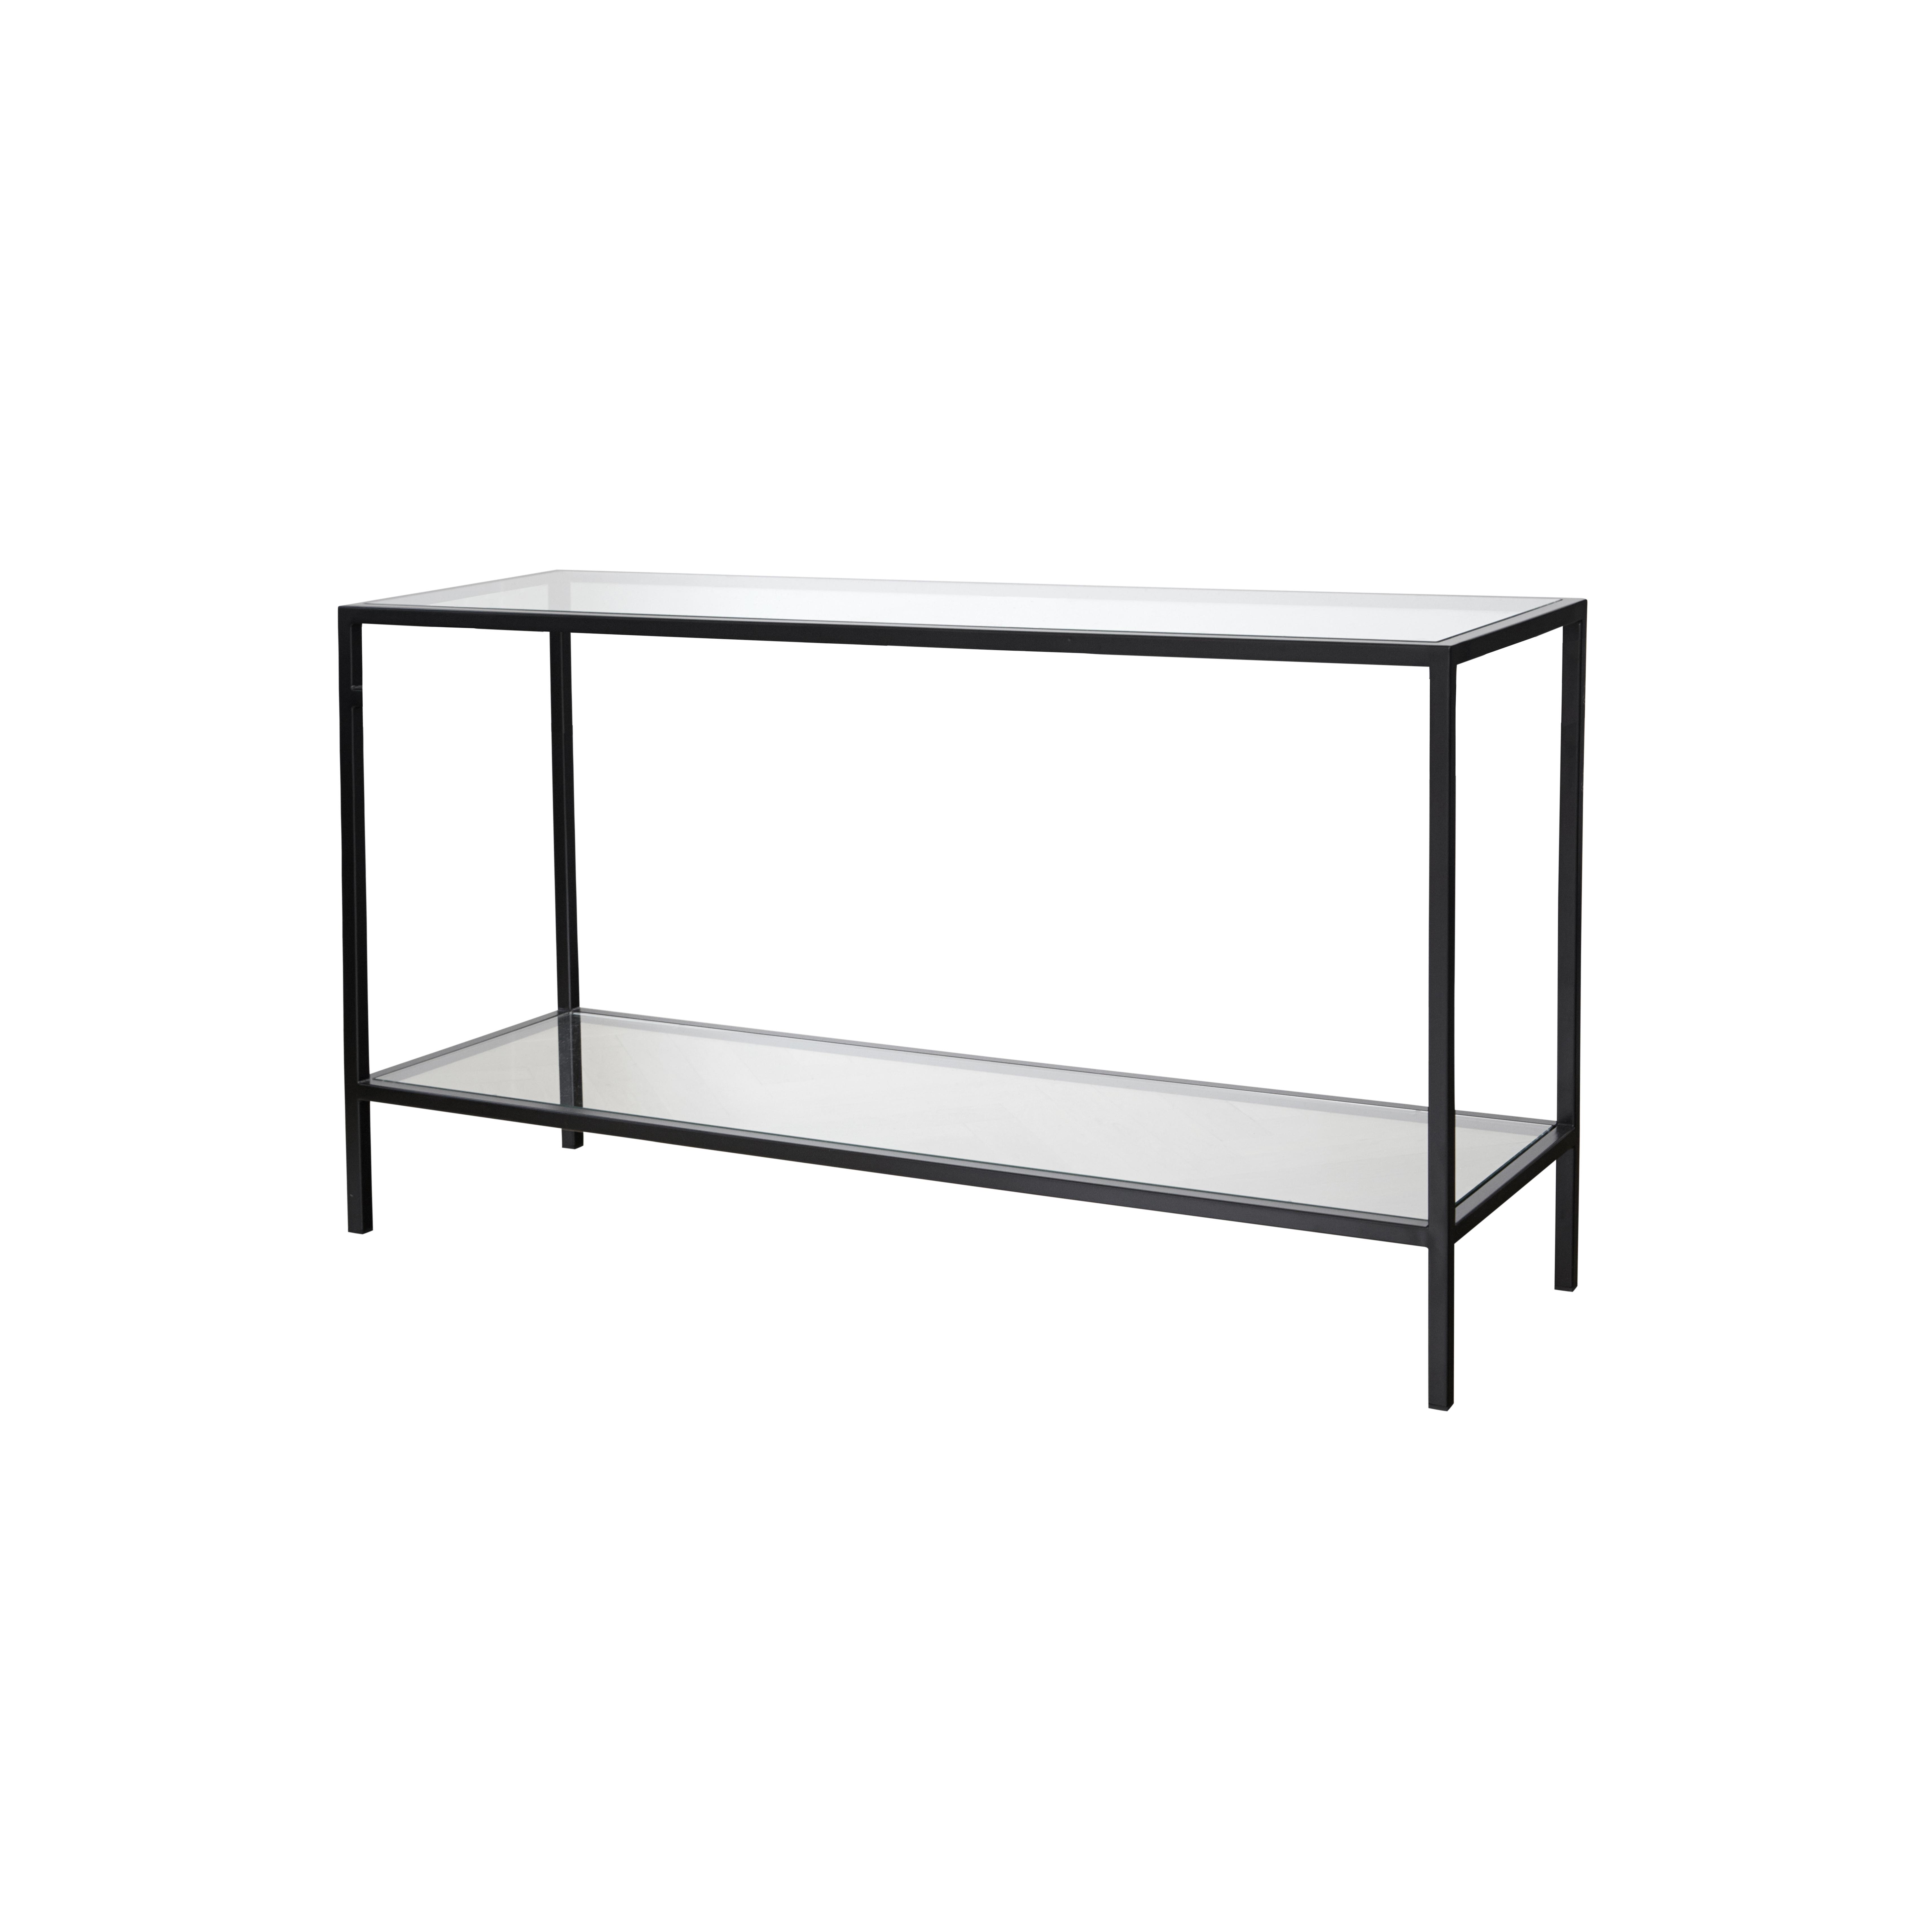 2000 metall Black avlastningsbord glasskivor - englesson.se